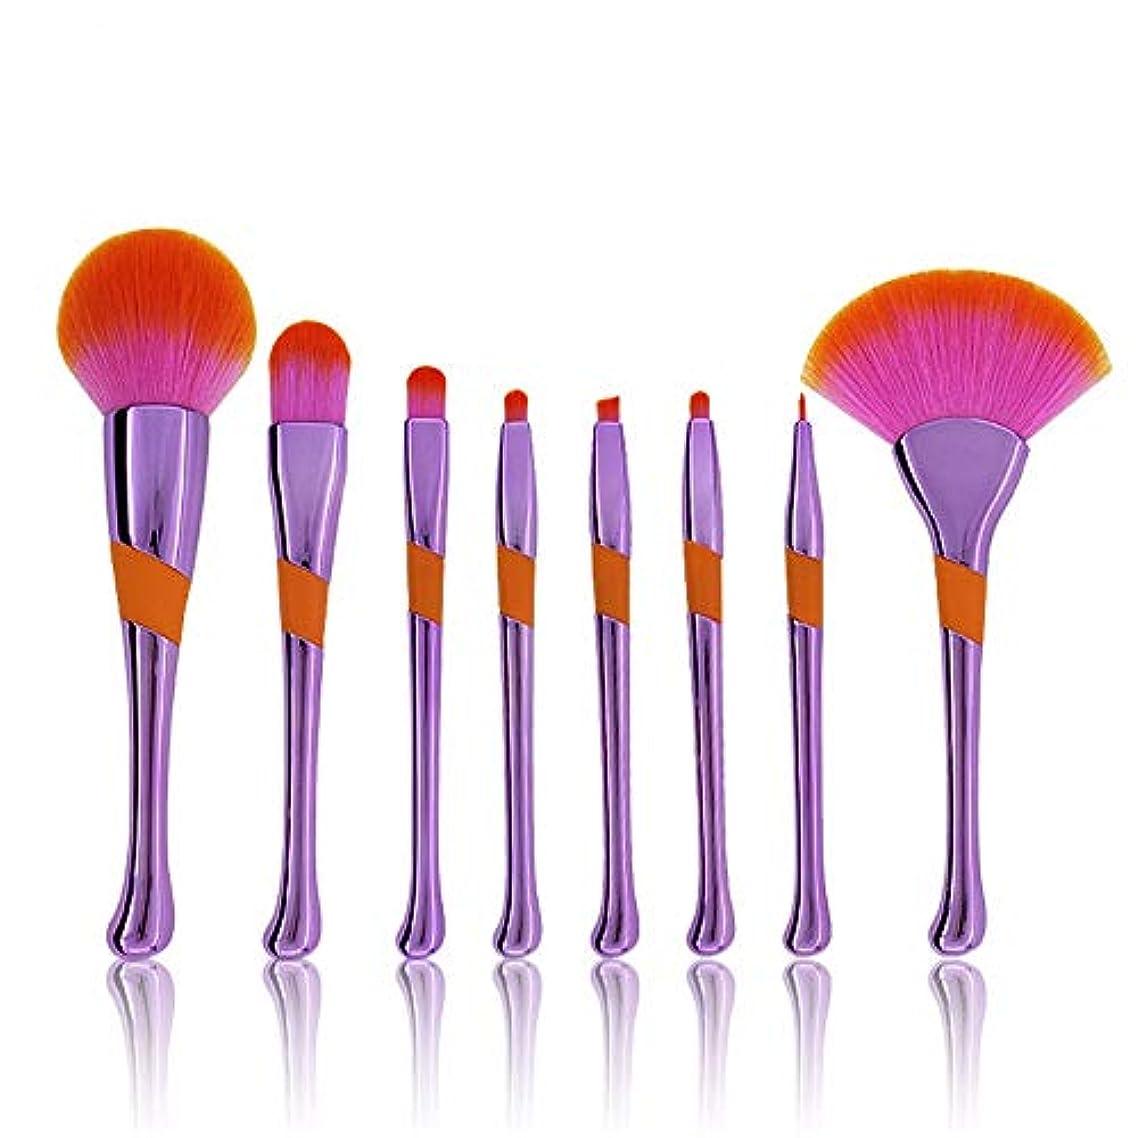 予算硬いテセウスMakeup brushes 8ピースセットガールハートメイクブラシフリーパウダーブラシアイシャドウブラシブラッシュブラシ suits (Color : Purple)